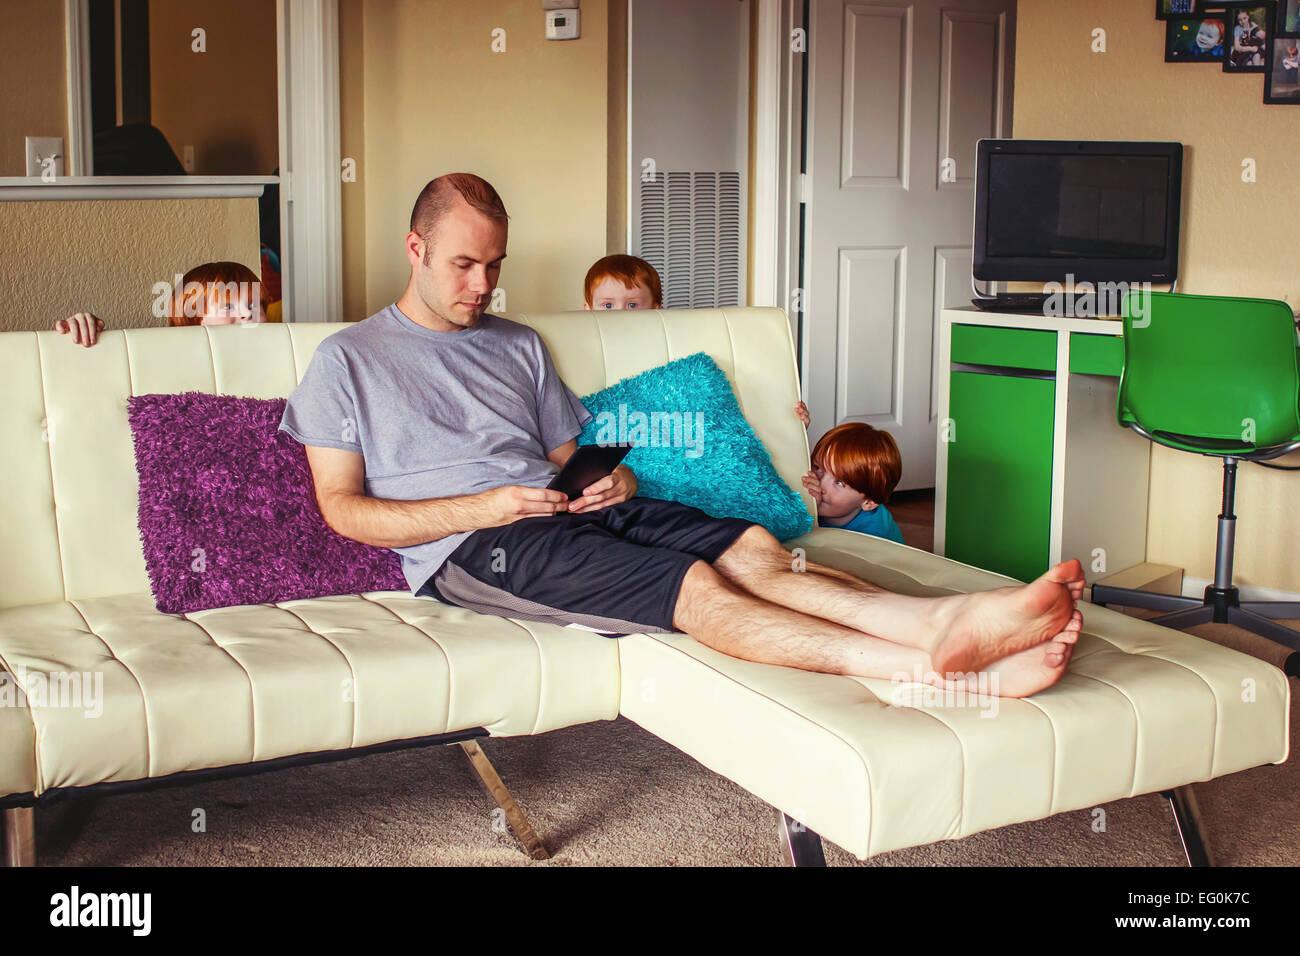 Tres jóvenes escondiéndose detrás del sofá dispuesto a sorprender a su padre Imagen De Stock